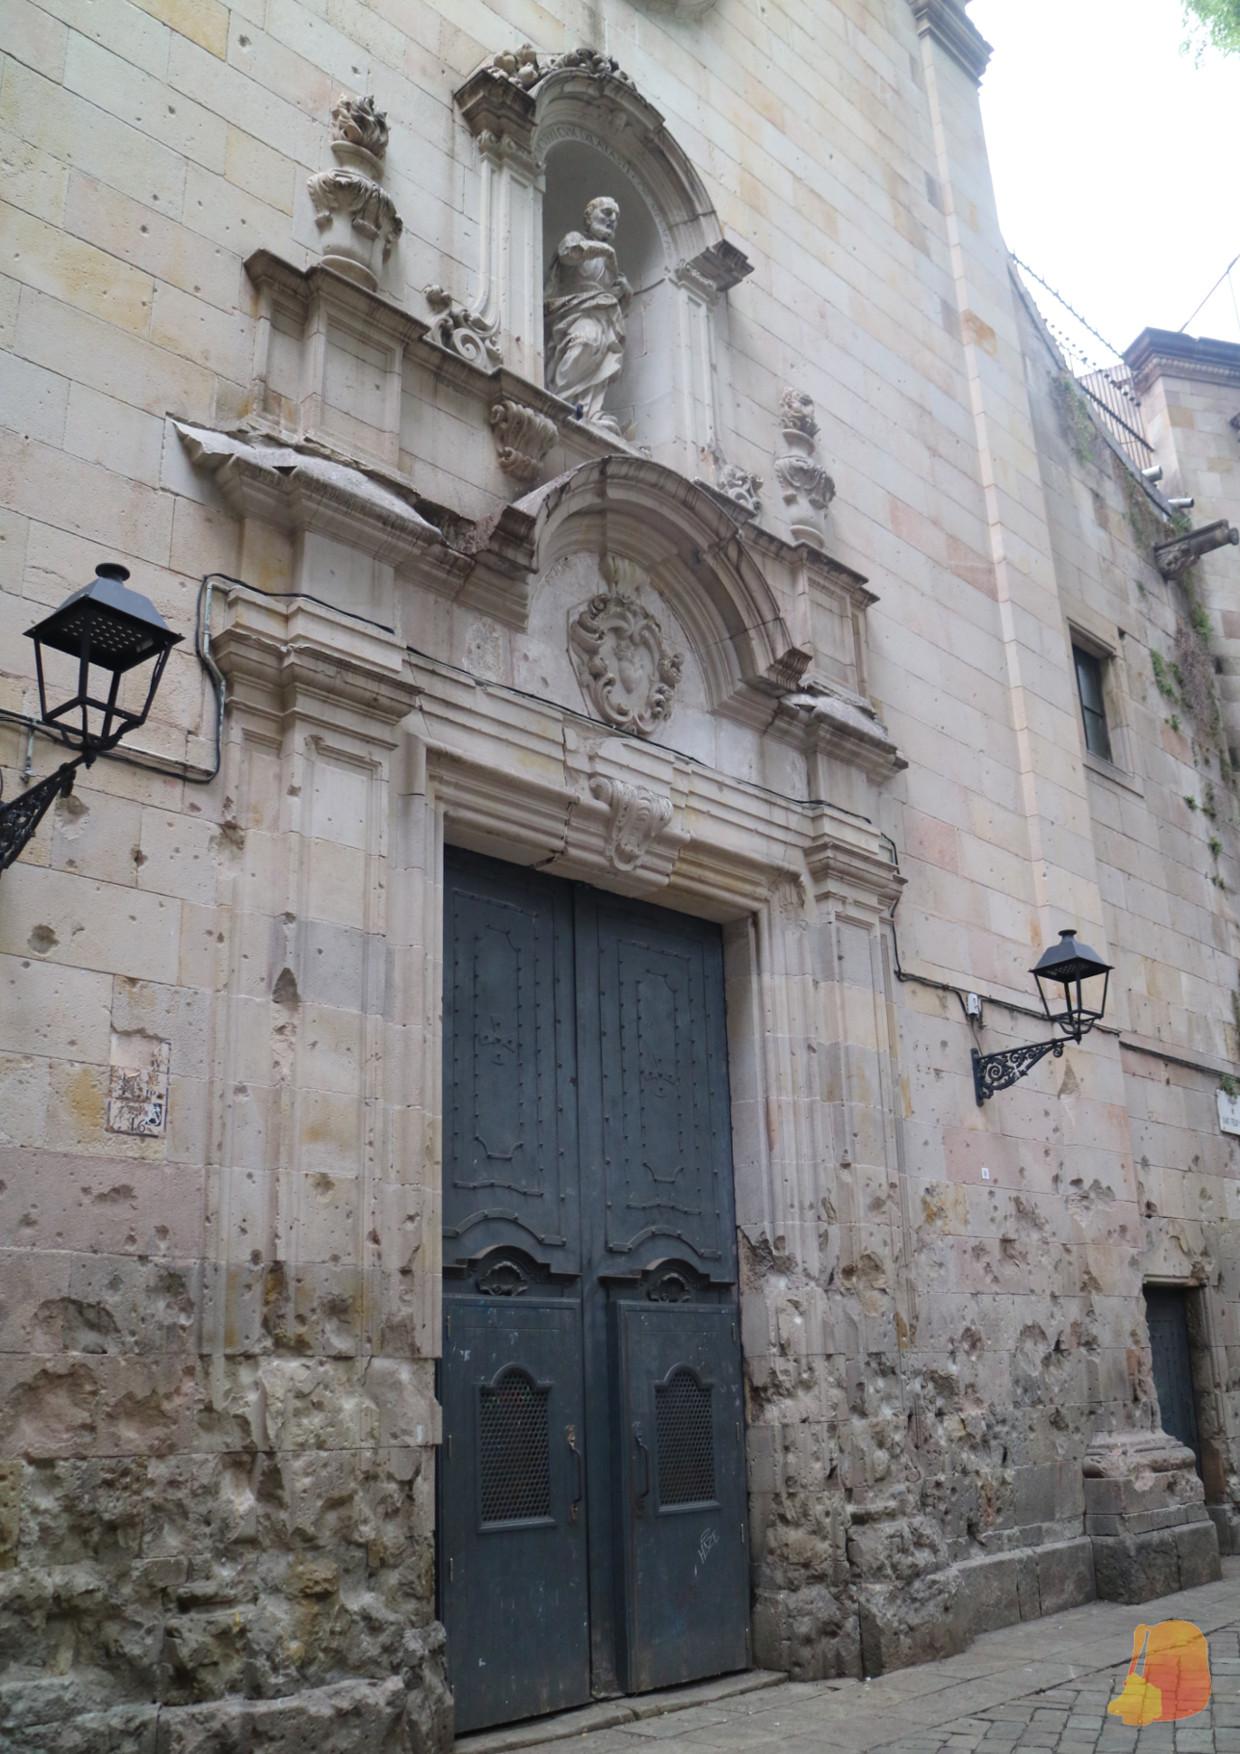 Fachada de la Iglesia de Sant Felip Neri con restos de metralla